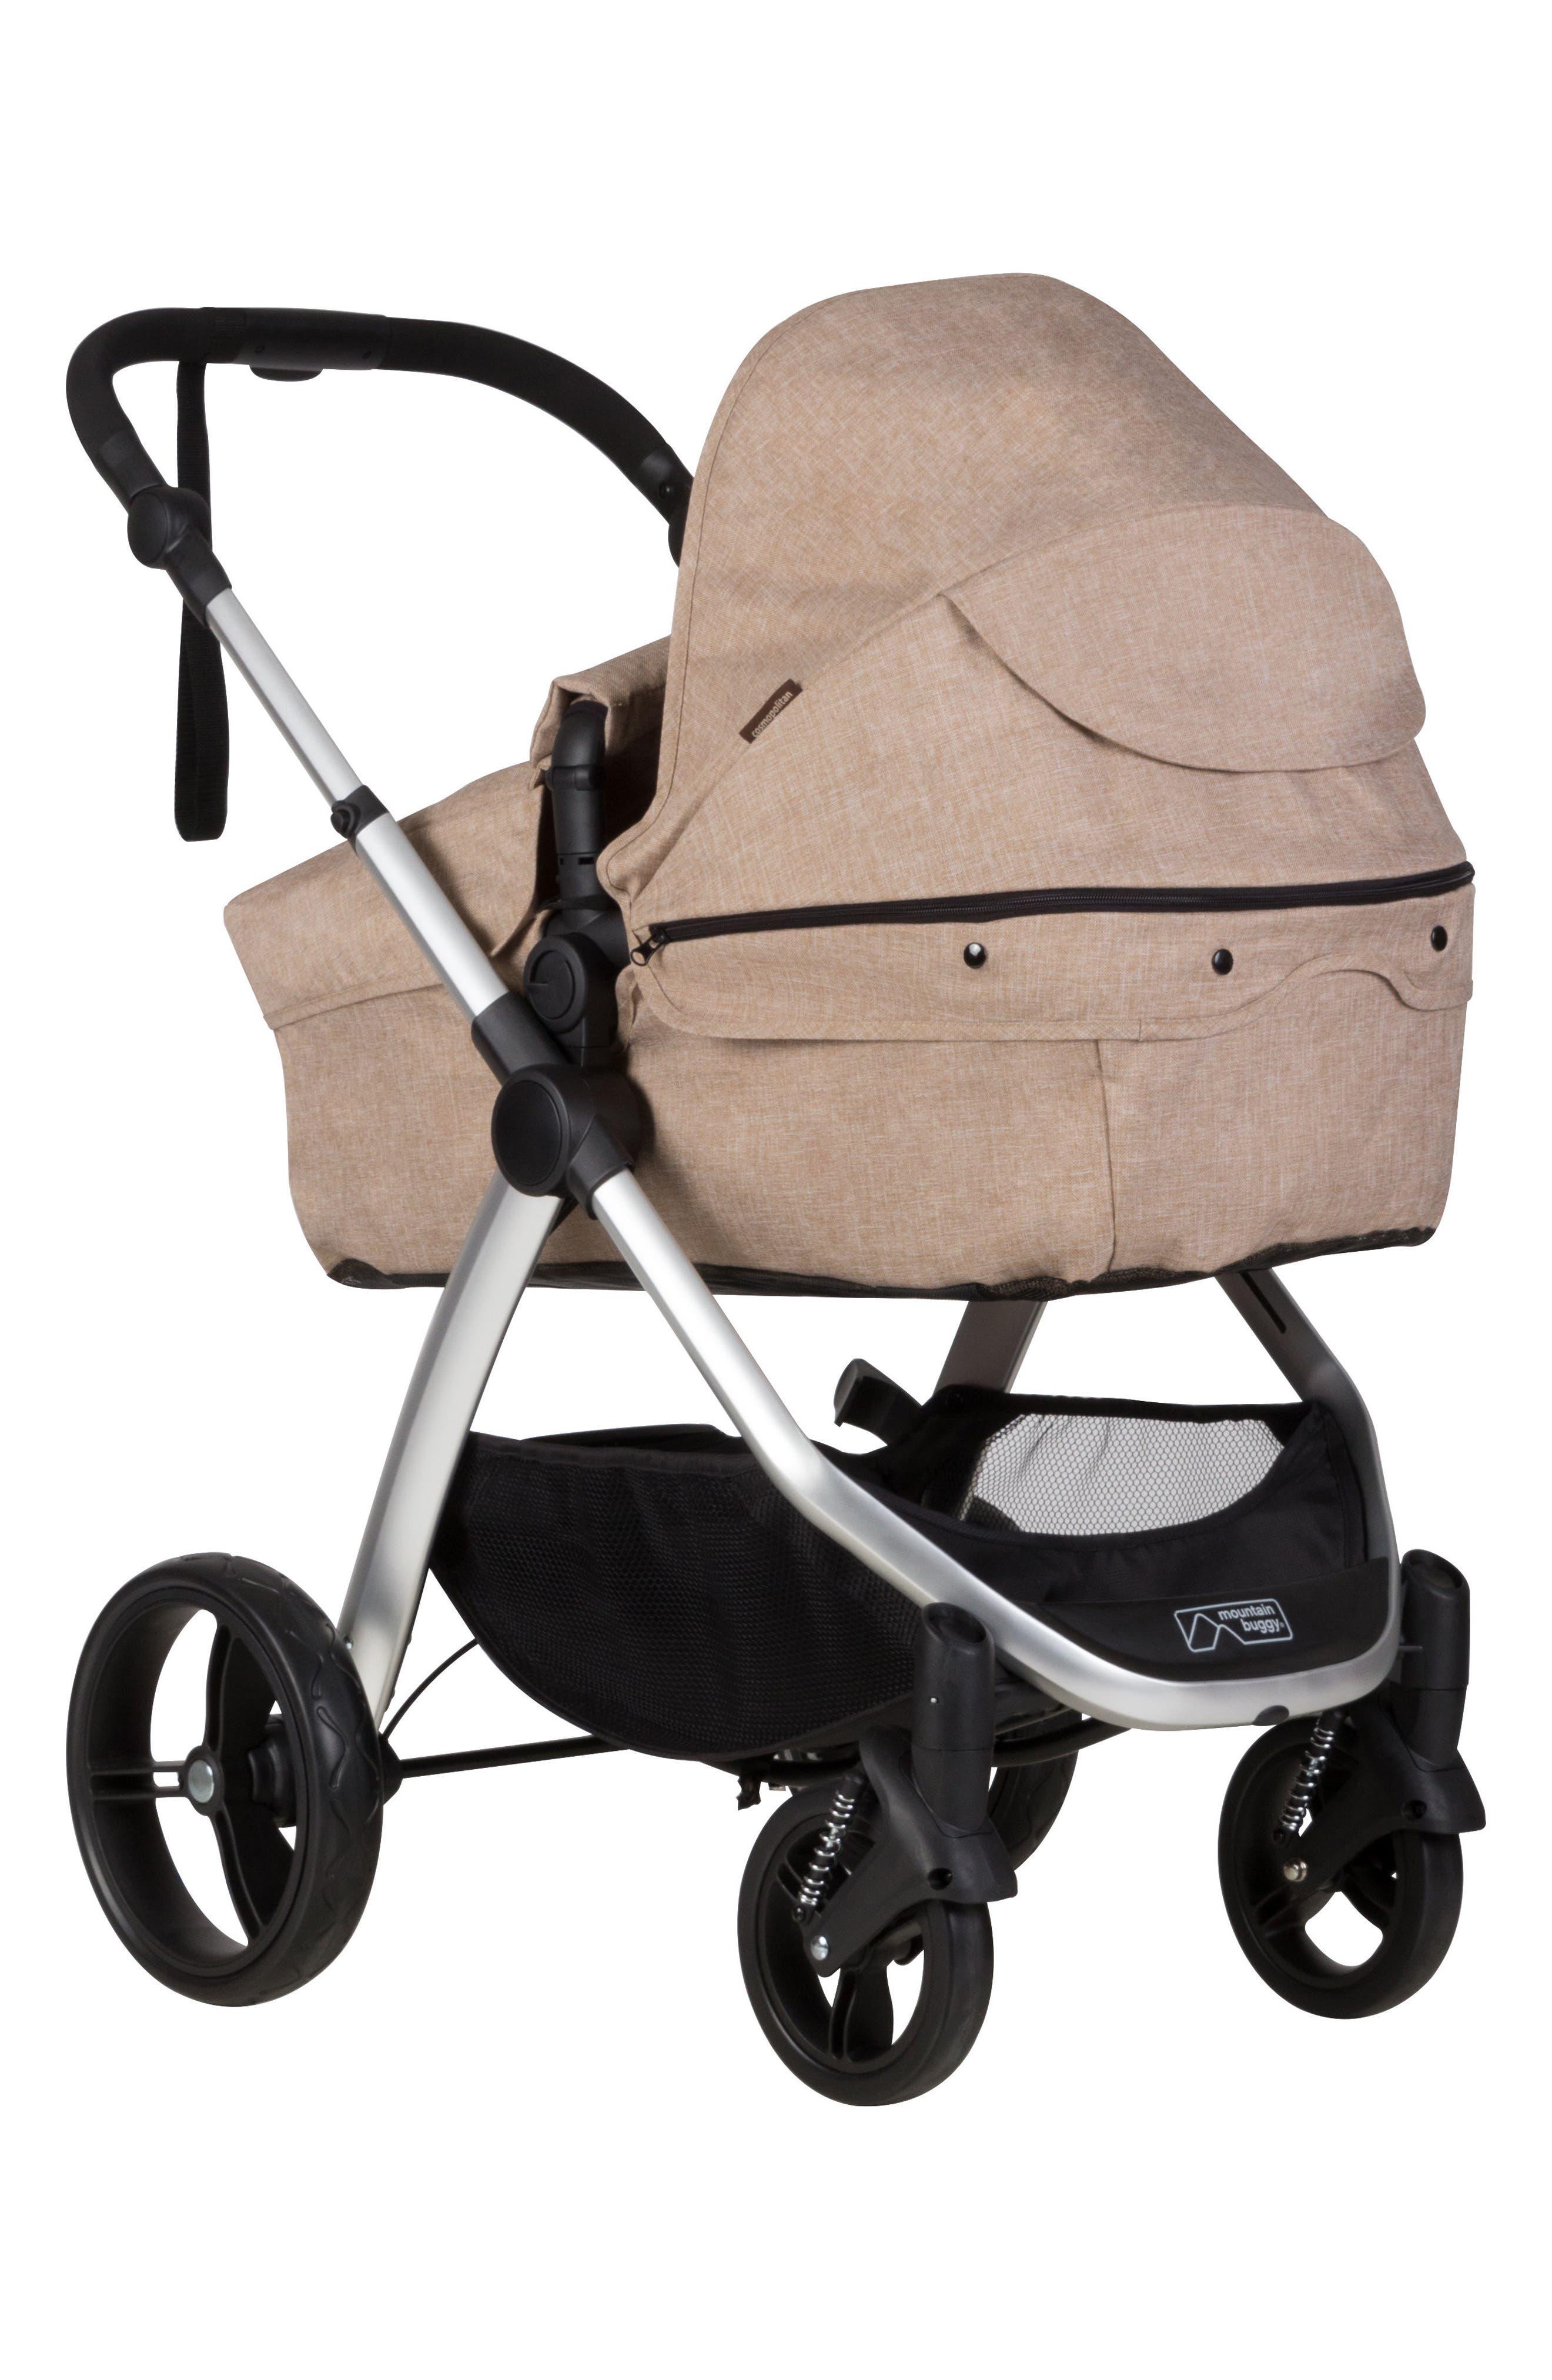 Cosmopolitan Carrycot for Cosmopolitan Stroller,                             Alternate thumbnail 2, color,                             MOCHA